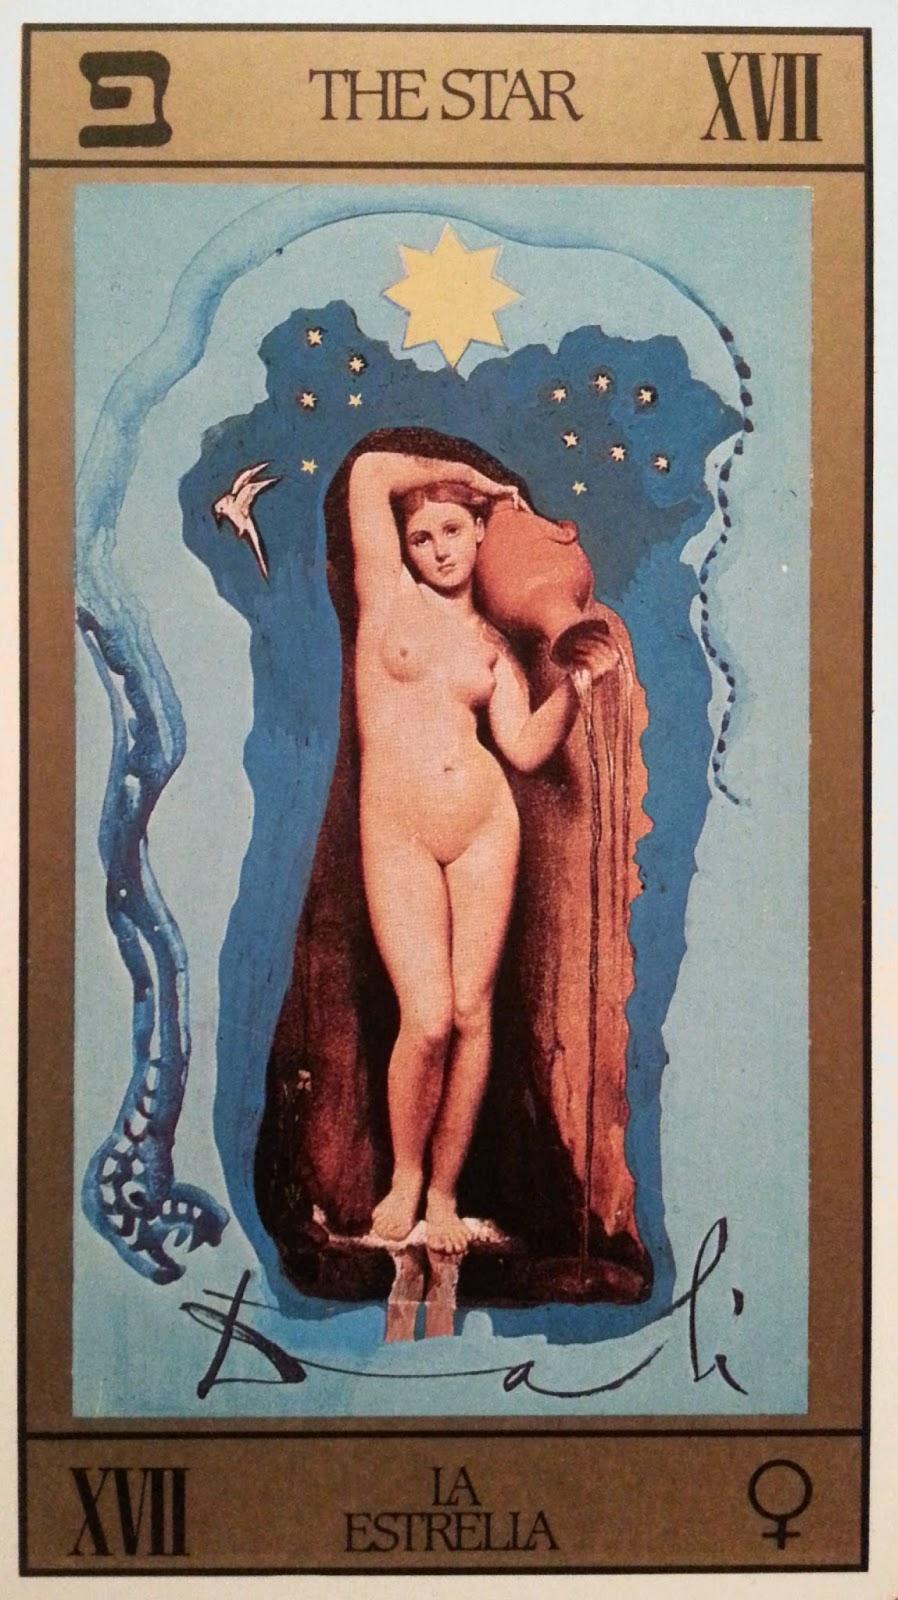 La Estrella. Tarot de Dali